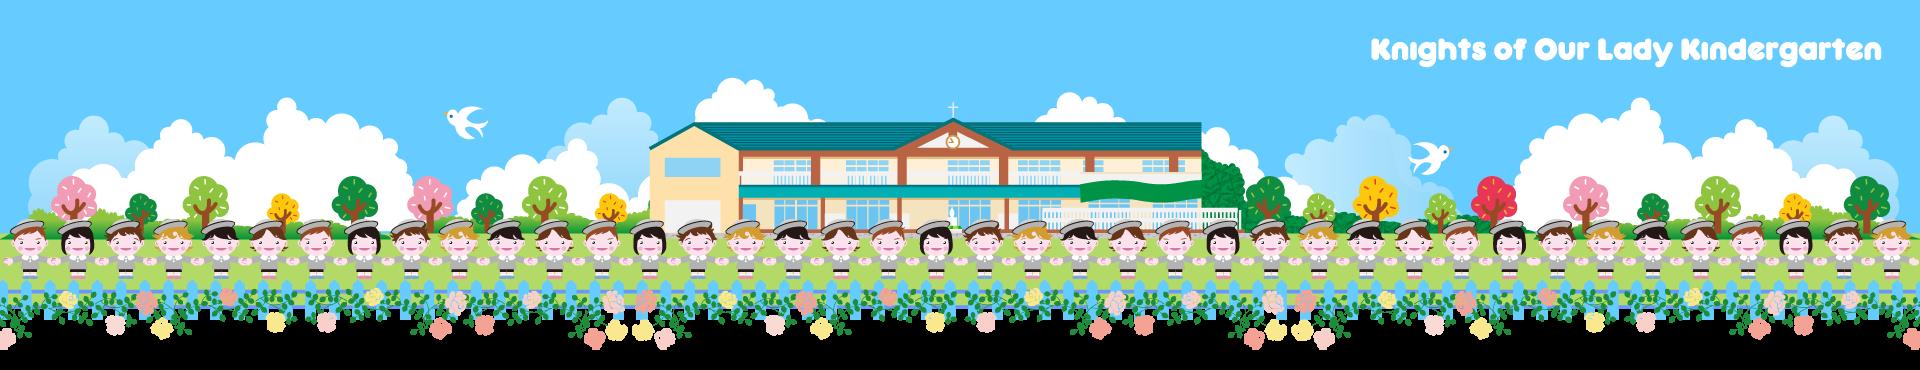 聖母の騎士幼稚園 ブログ